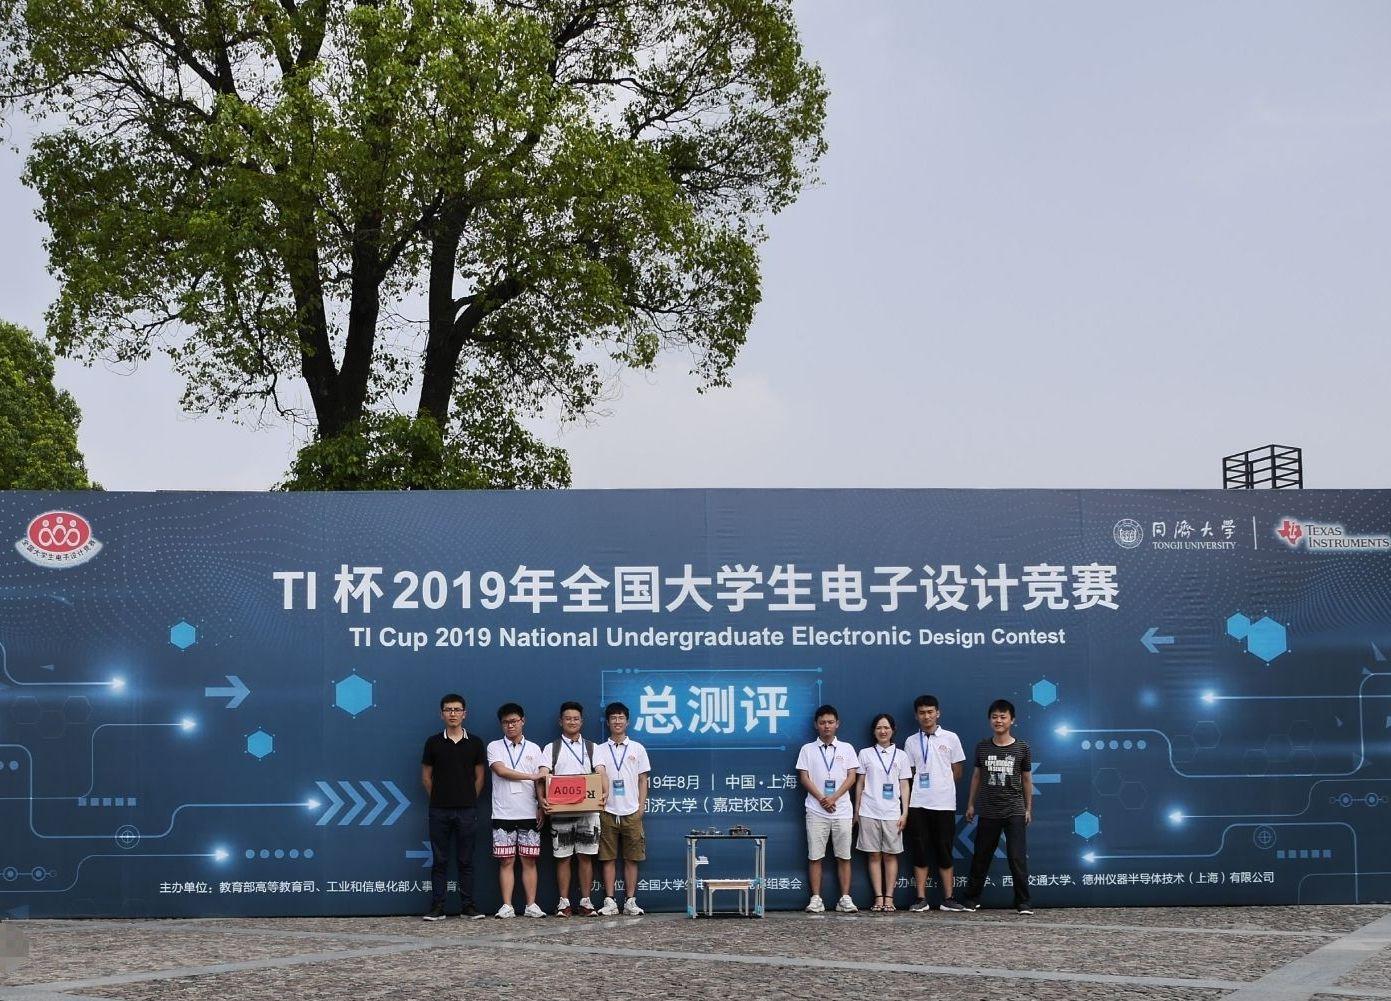 电子工程系学生获2019年全国大学生电子设计竞赛全国一等奖